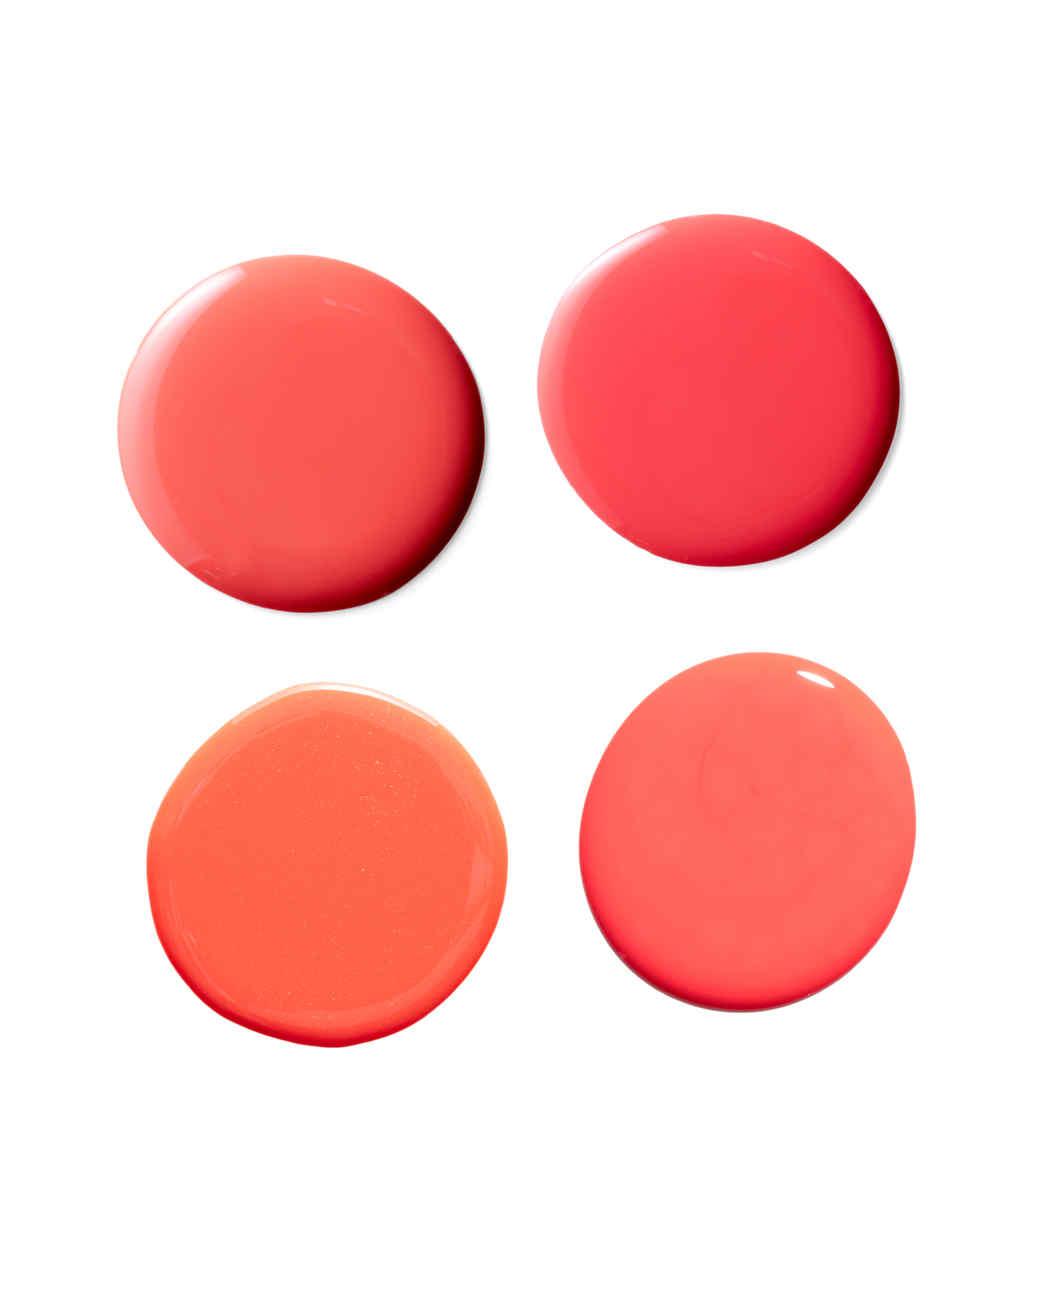 nail-polish-palecorals-msl0612.jpg